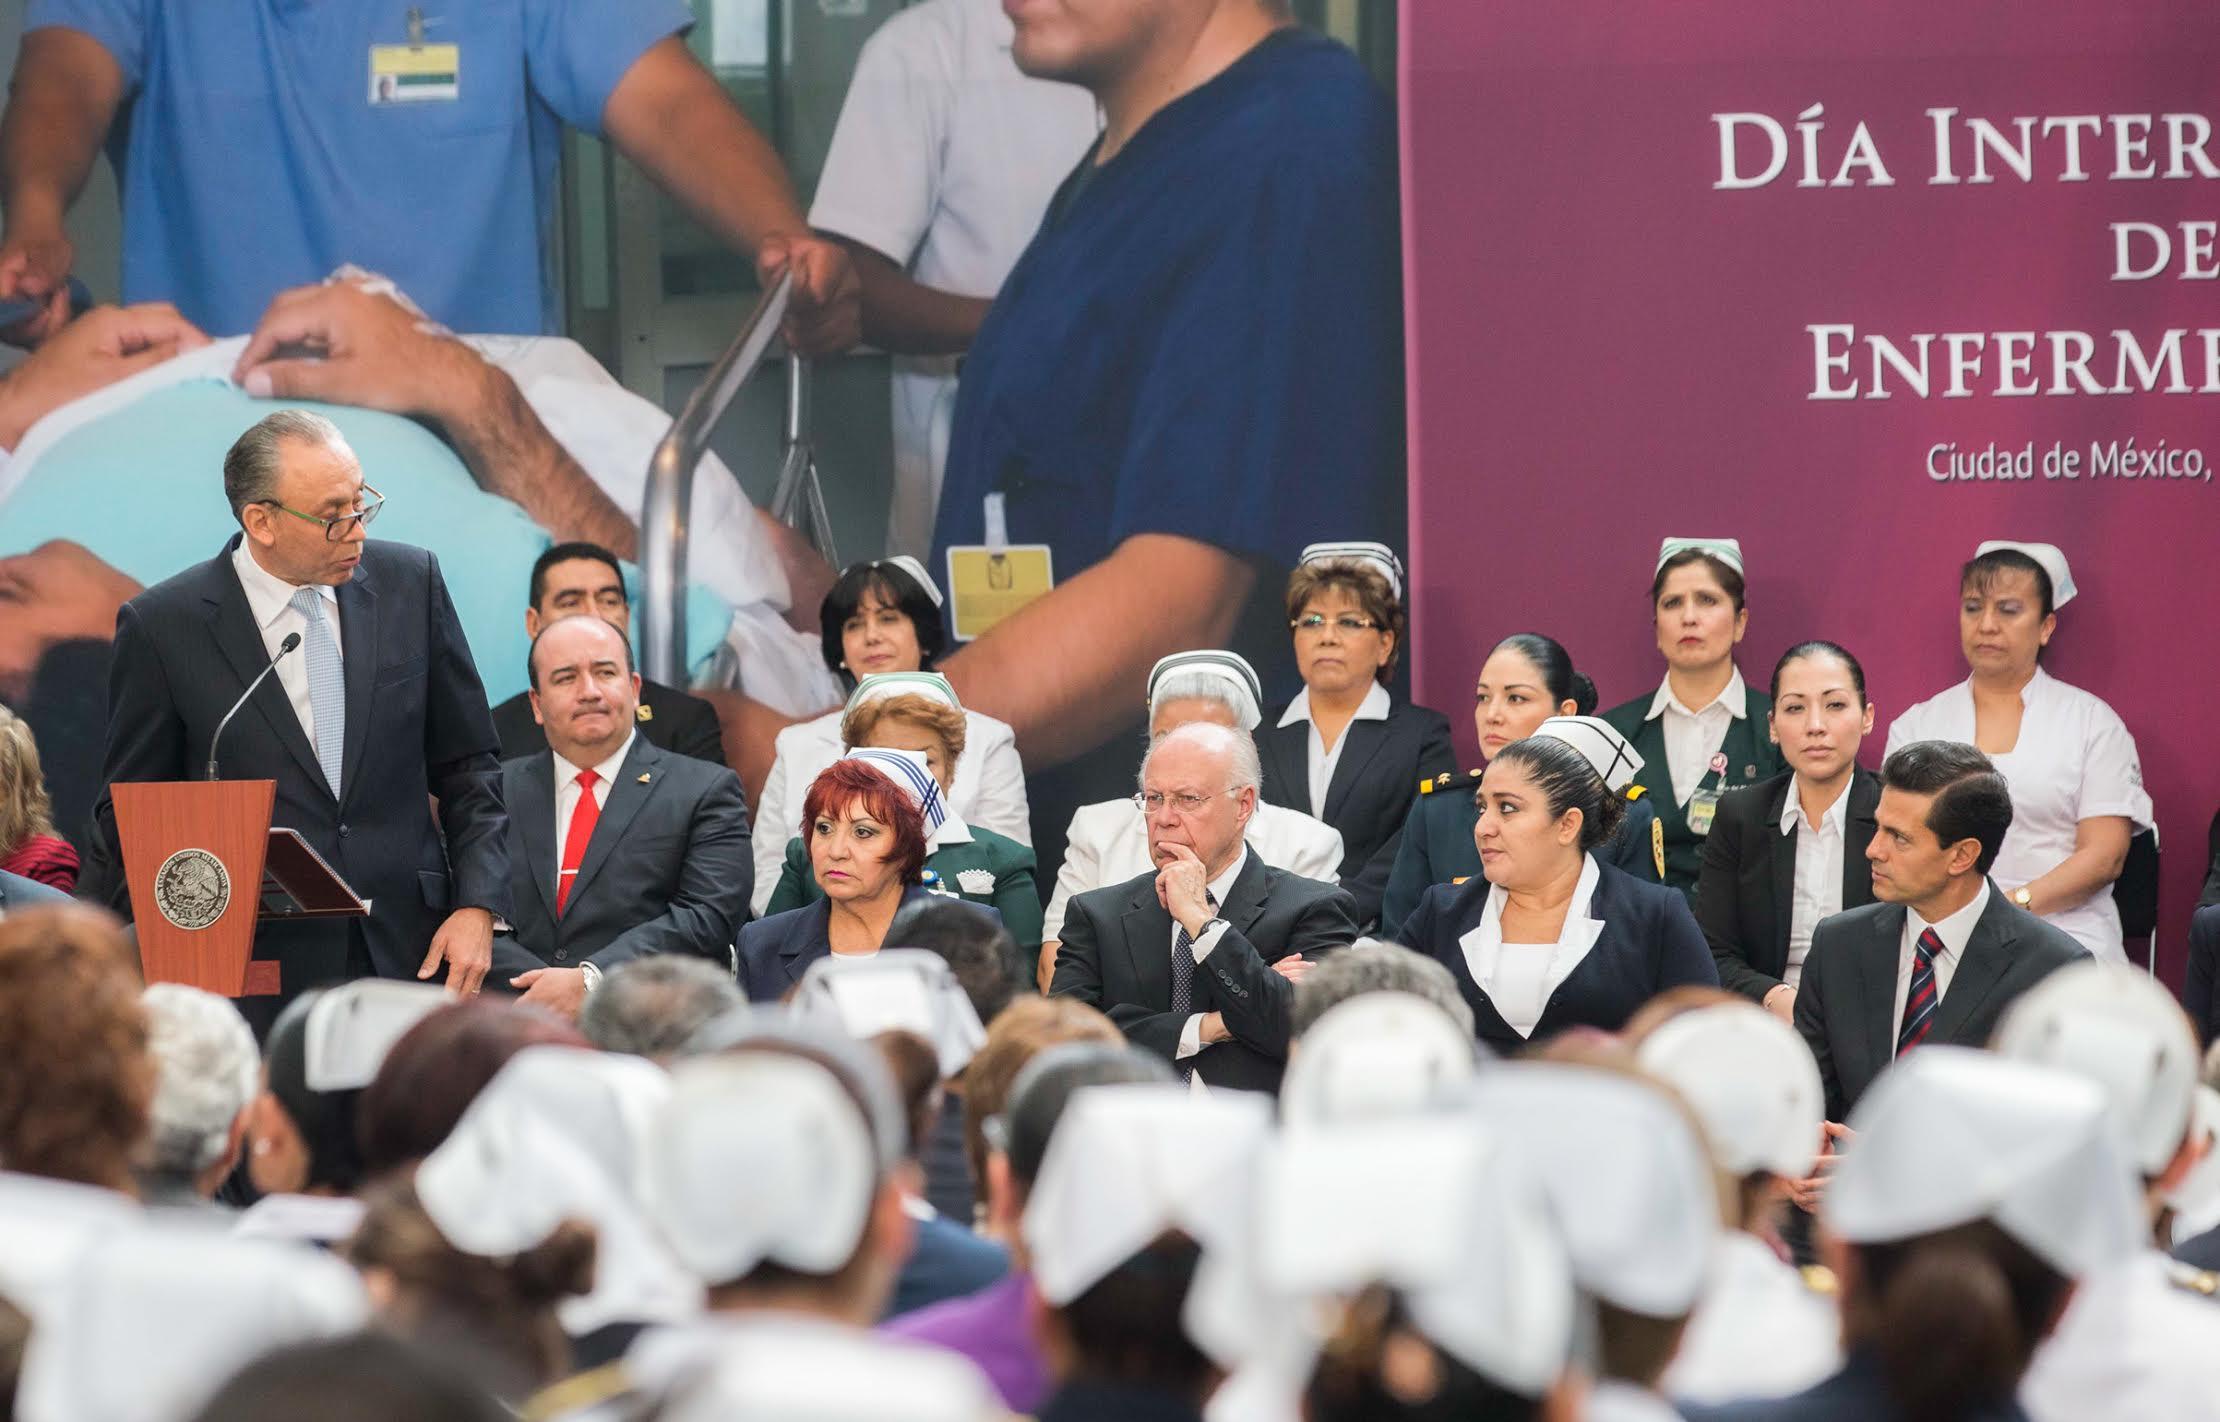 """""""En la enfermedad, el tiempo se detiene. Médicos y enfermeras sostienen el tiempo en pausa y buscan por todos los medios aliviar el dolor, salvar una vida, alimentar la fe en la humanidad"""", José Reyes Baeza."""